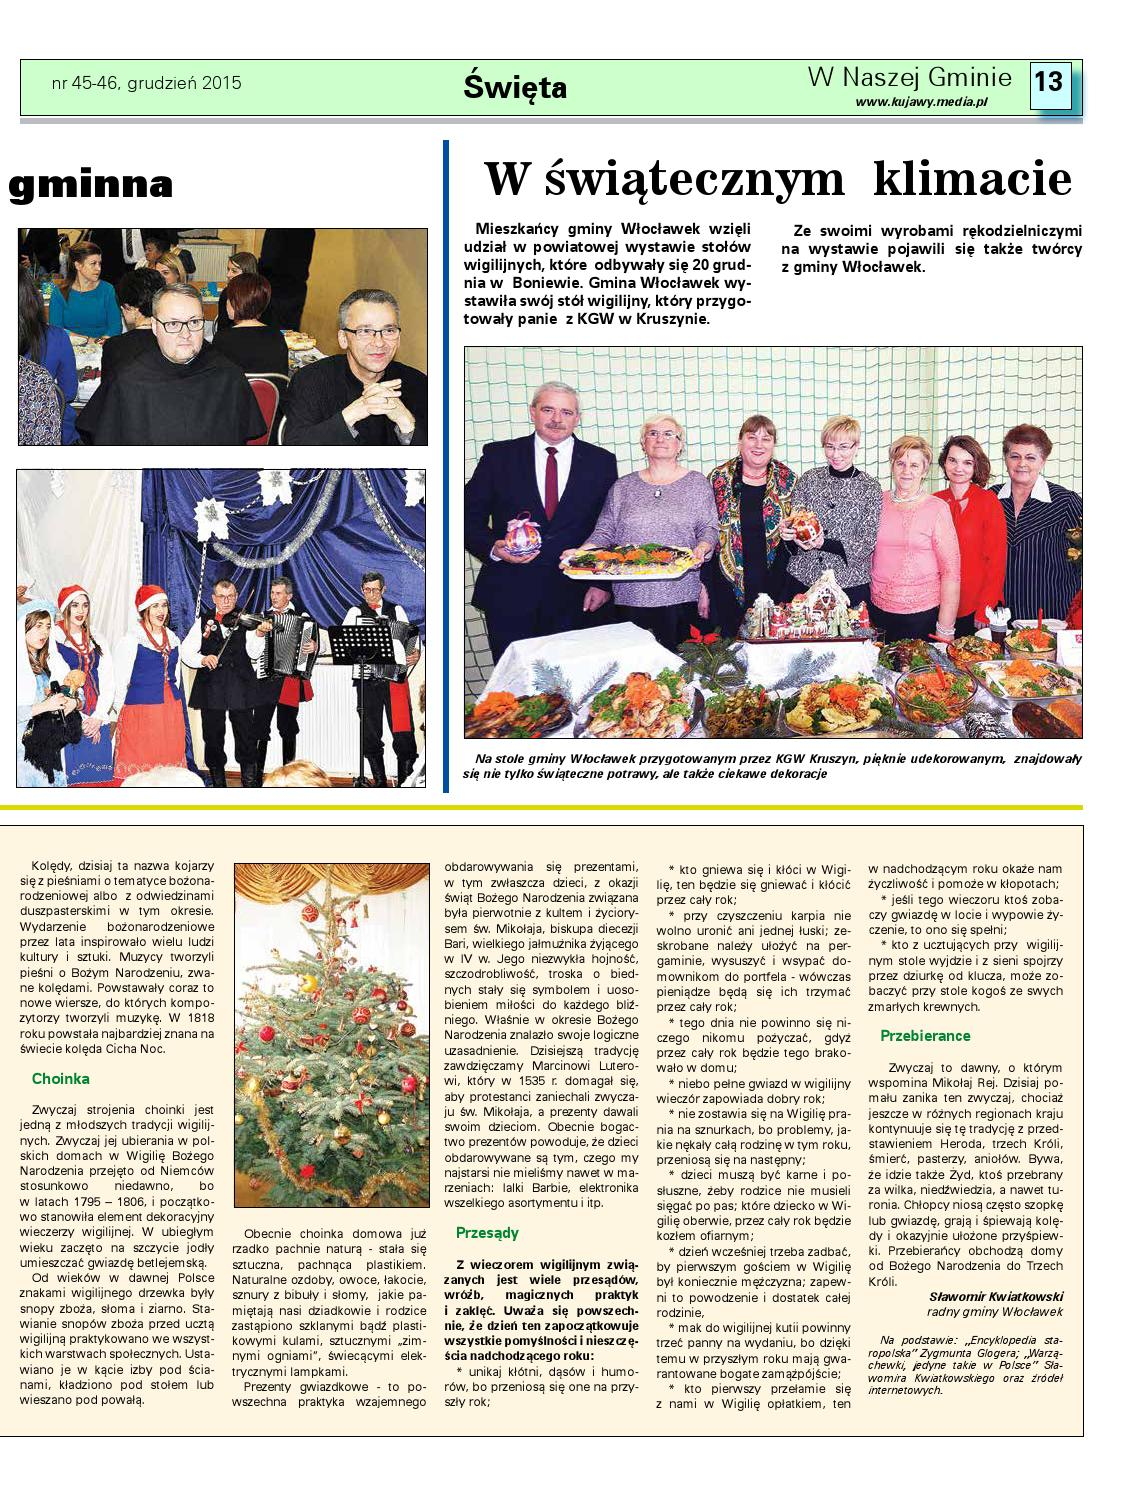 W Nasze Gminie Wloclawek 46 2015 By Wydawnictwo Kujawy Issuu